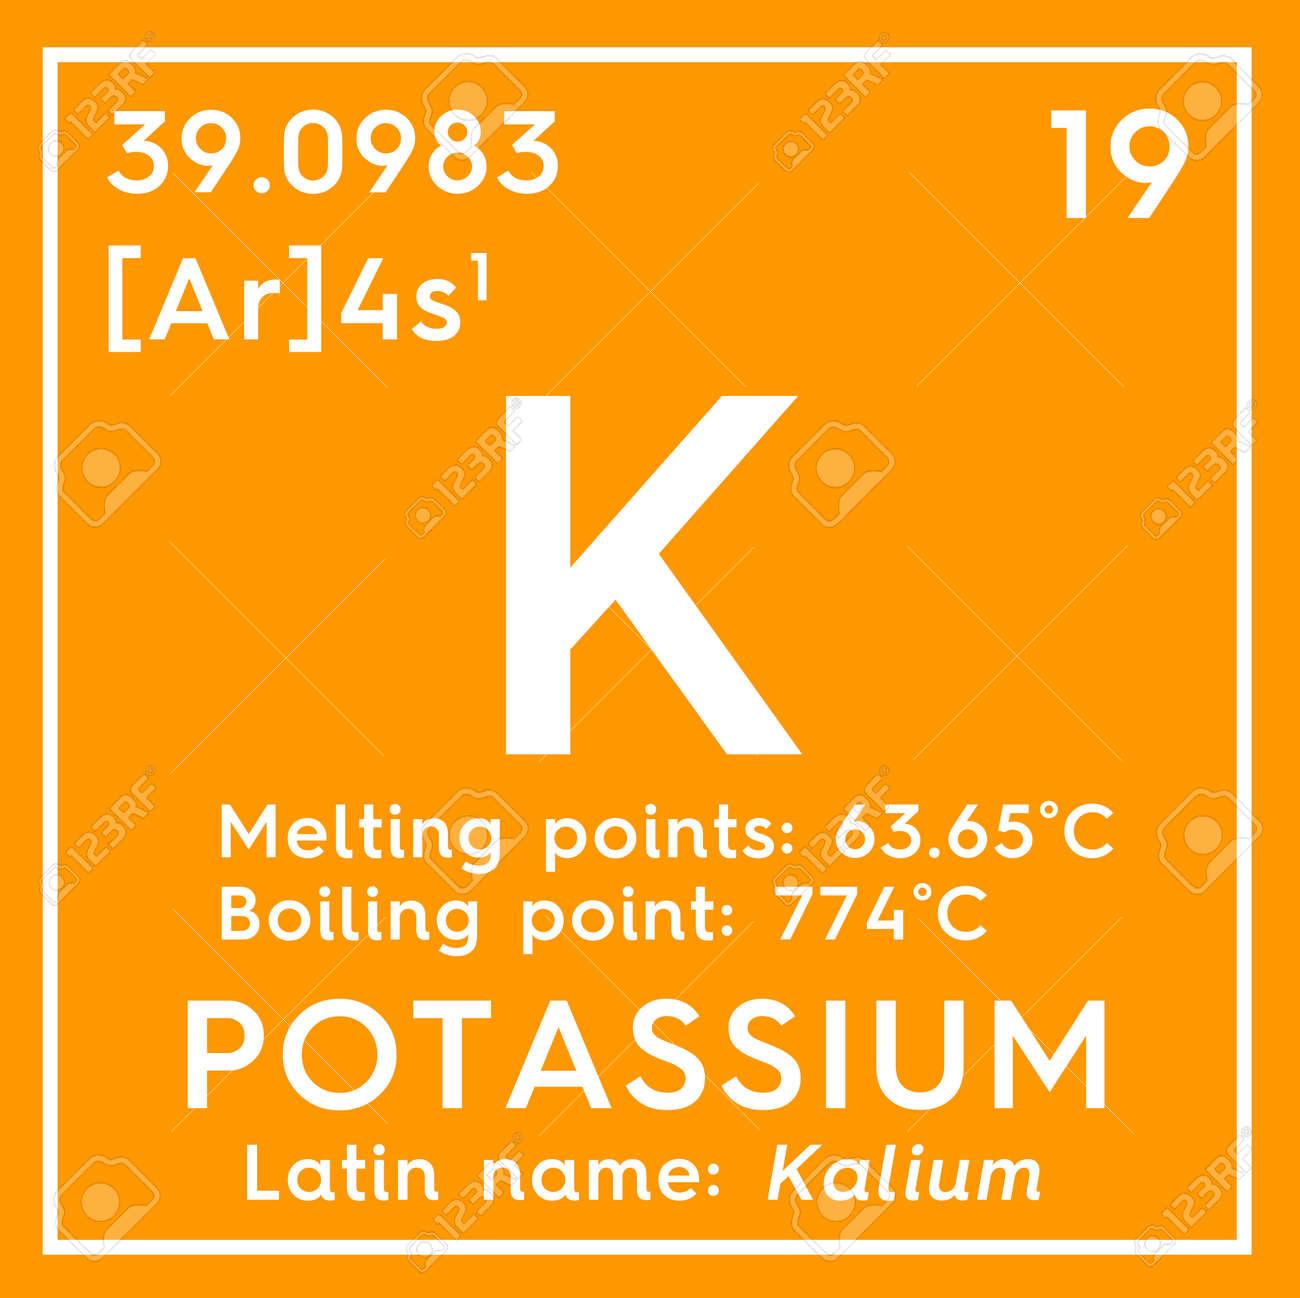 Potasio kalium metales alcalinos elemento qumico de la tabla foto de archivo potasio kalium metales alcalinos elemento qumico de la tabla peridica de mendeleev urtaz Choice Image